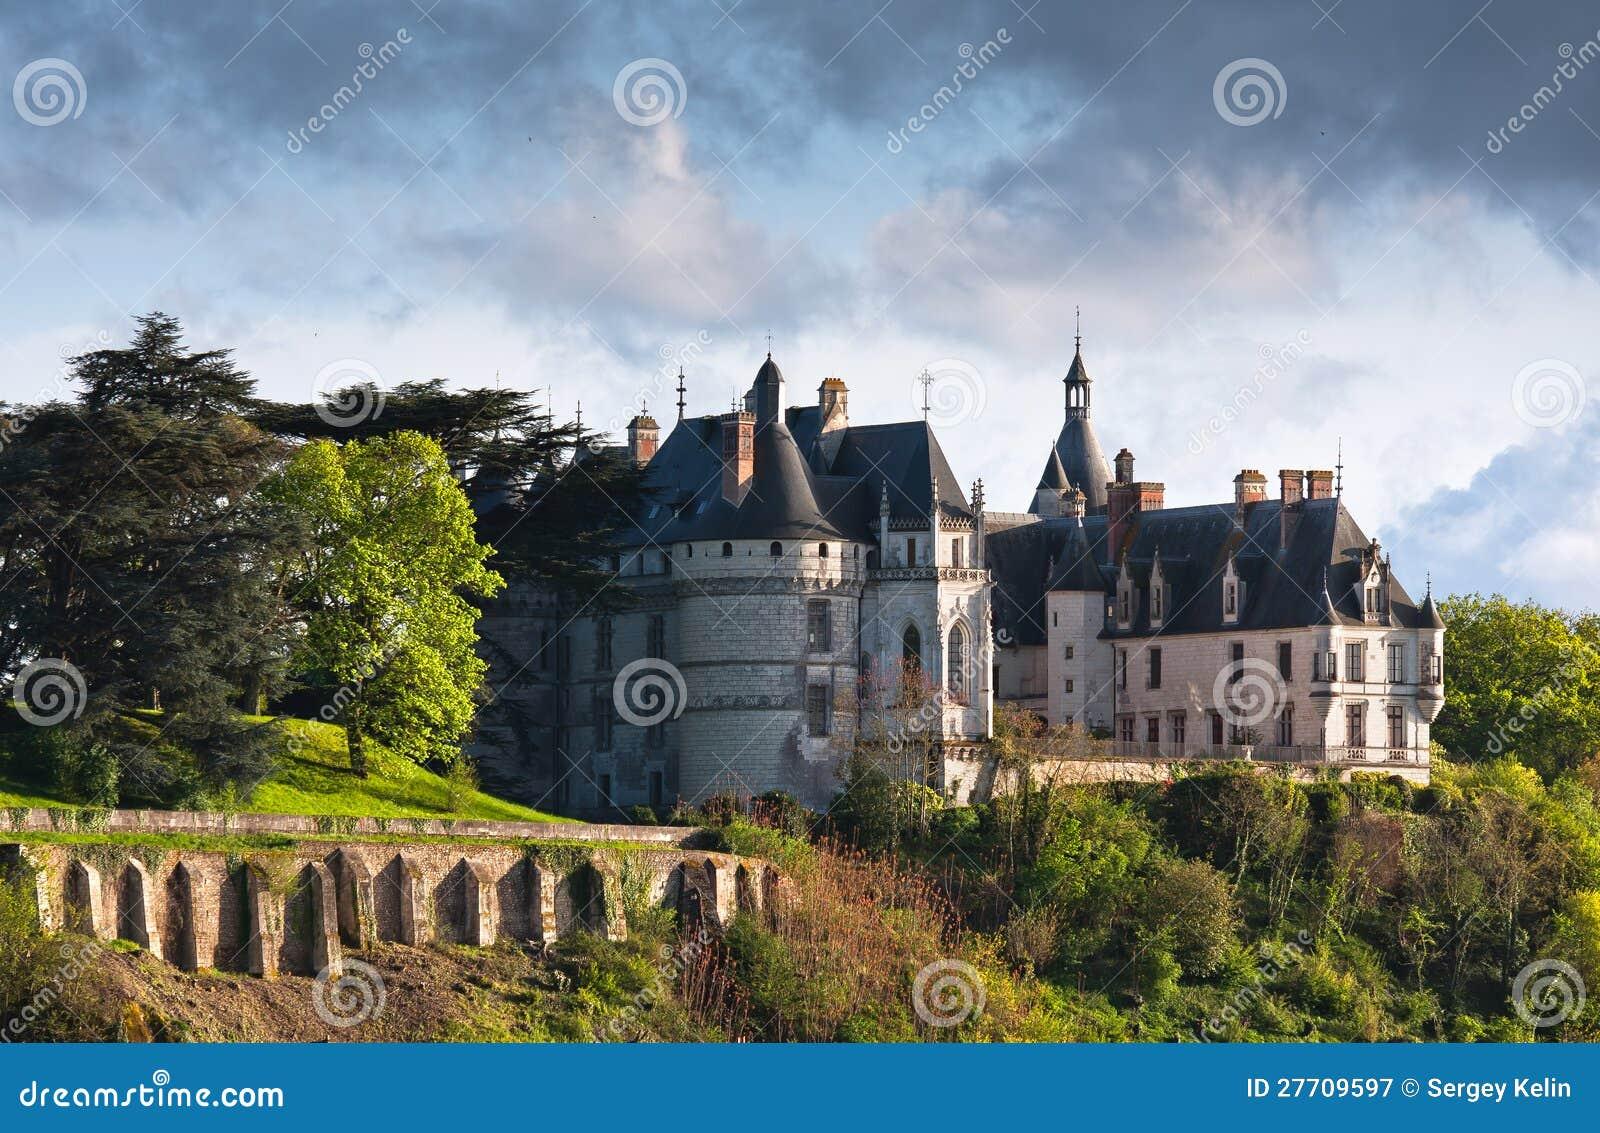 Chaumont op het kasteel van het kasteelChaumont van de Loire in Frankrijk